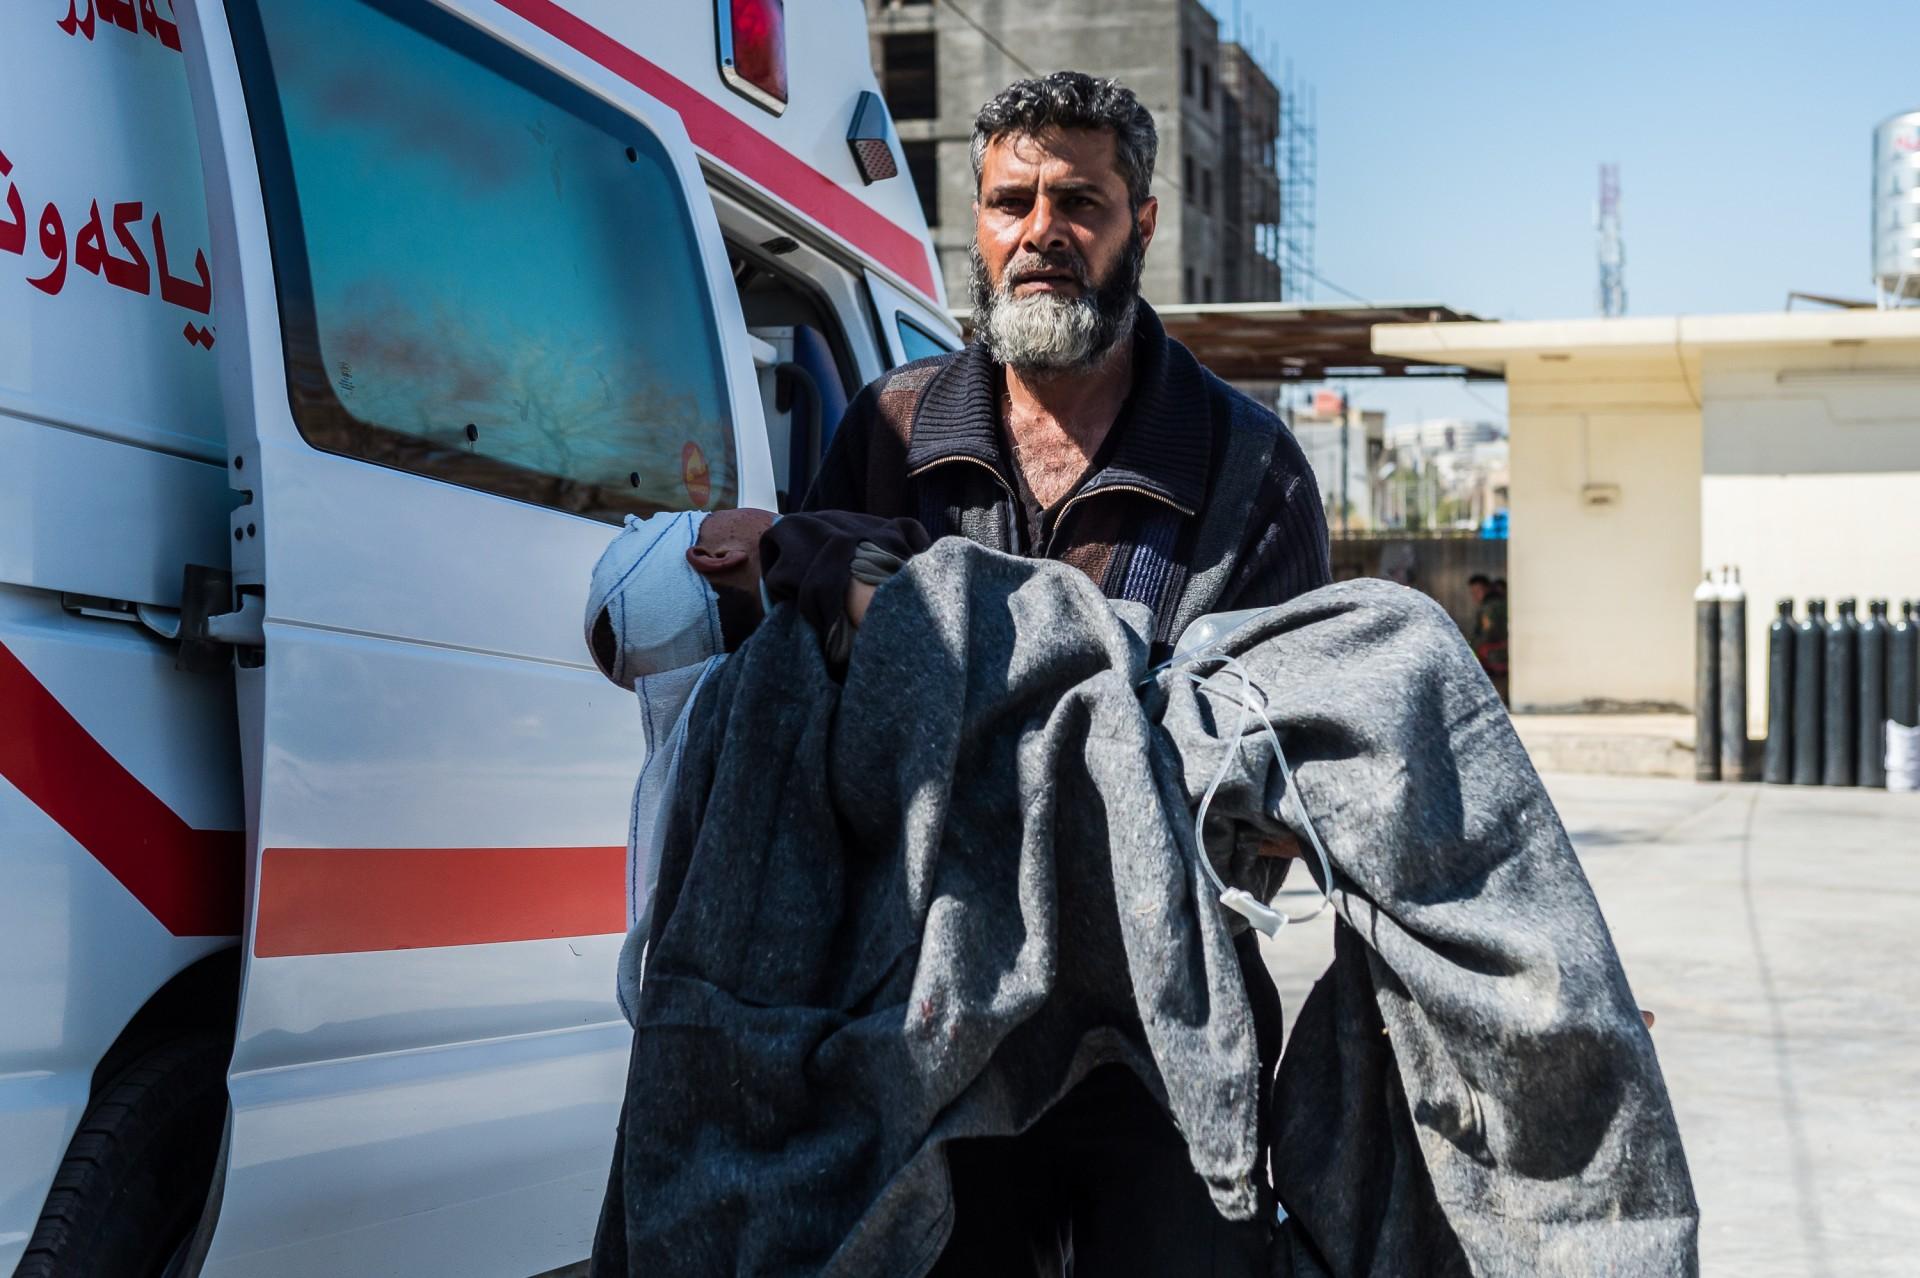 8 Mar 2017 - Emergency Hospital Erbil, KRG IRAQ. Faraz Abdullah Shahab, 41 anni, porta il figlio Ahd presso il pronto soccorso medico dell'ospedale di Emergency di Erbil; il figlio e' stato ferito al volto dalle schegge di un'esplosione. Ha perso la moglie e 3 figli nella stessa esplosione. Faraz aveva un pissolo ristorante nel quartiere JAdida di Mosul.